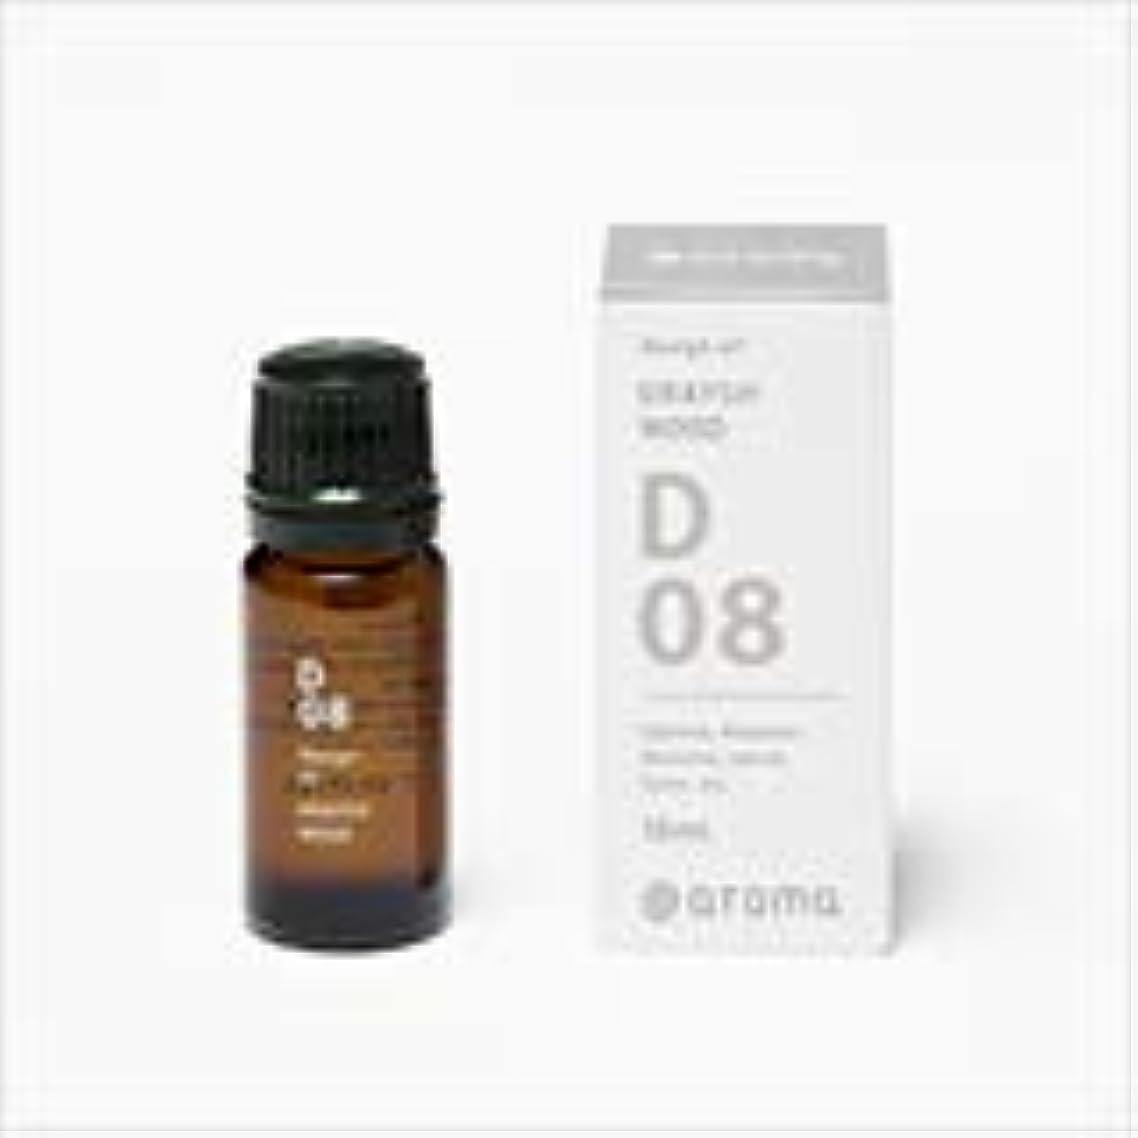 画像に頼るヘルシーアットアロマ 100%pure essential oil <Design air オーシャンクルーズ>